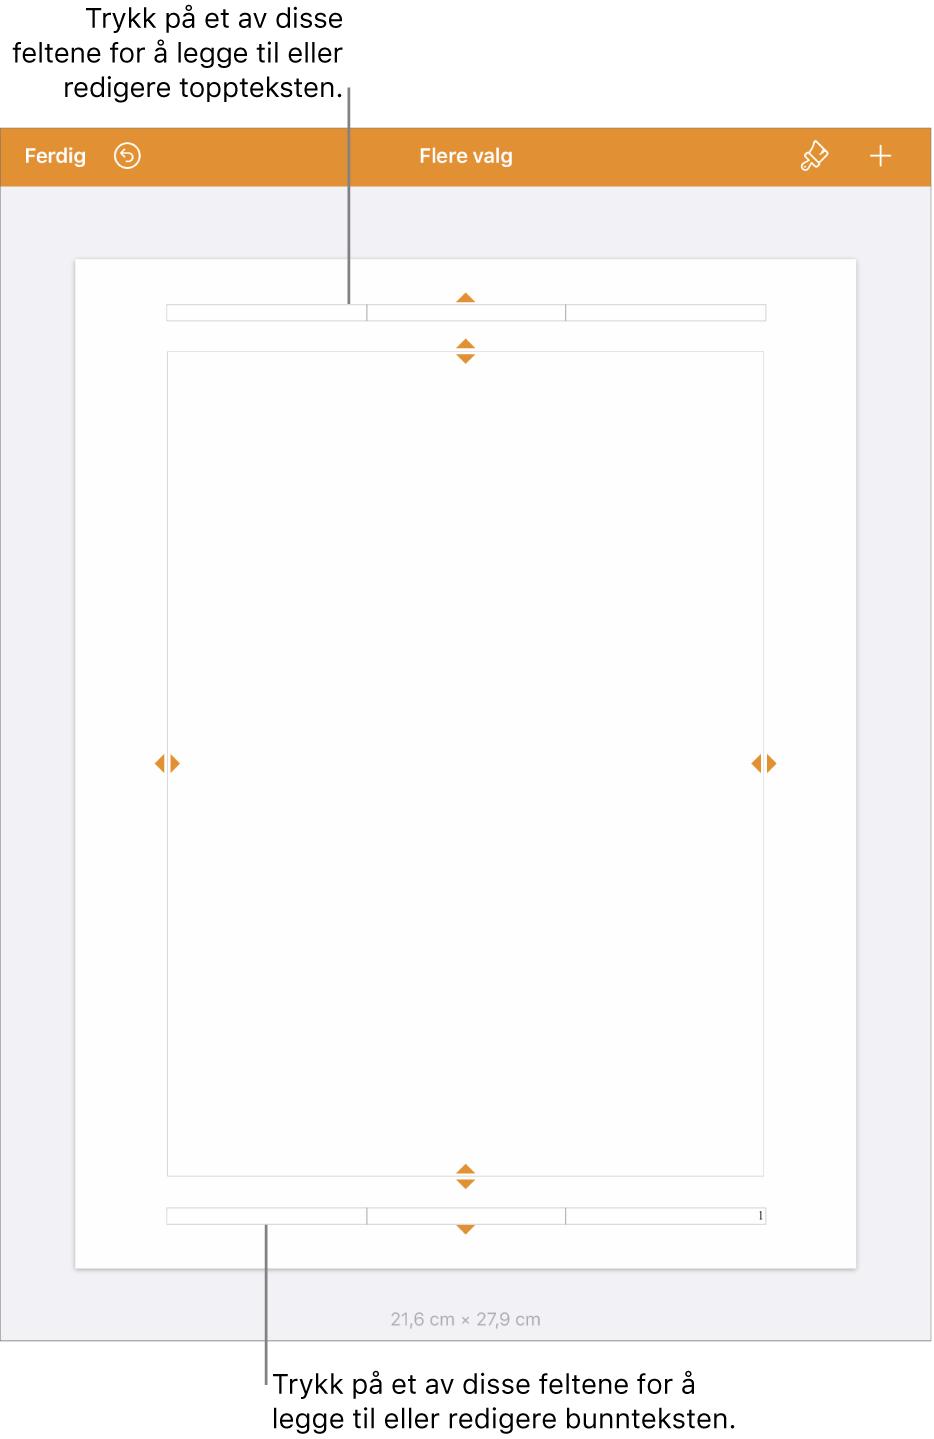 Flere valg-visningen med tre felter øverst i dokumentet for topptekster og tre felter nederst for bunntekster.